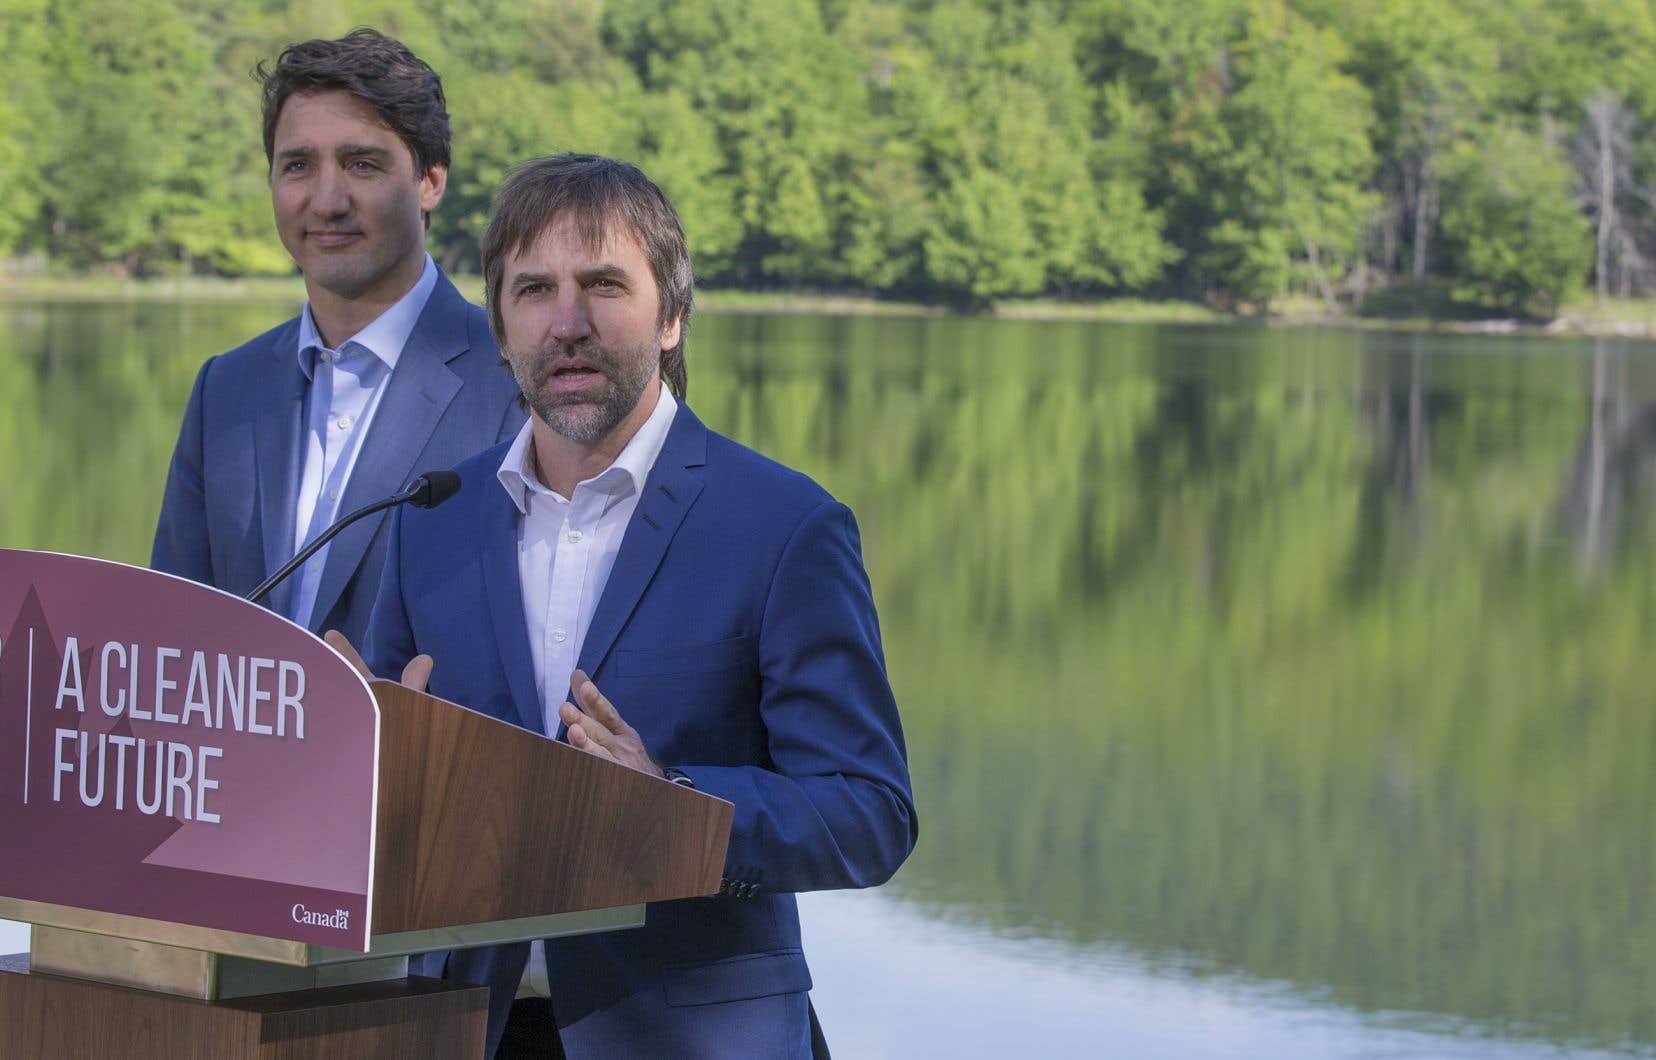 La présence de Steven Guilbeault aux côtés de Justin Trudeau, il y a une dizaine de jours, avait déjà mis la table à l'annonce.